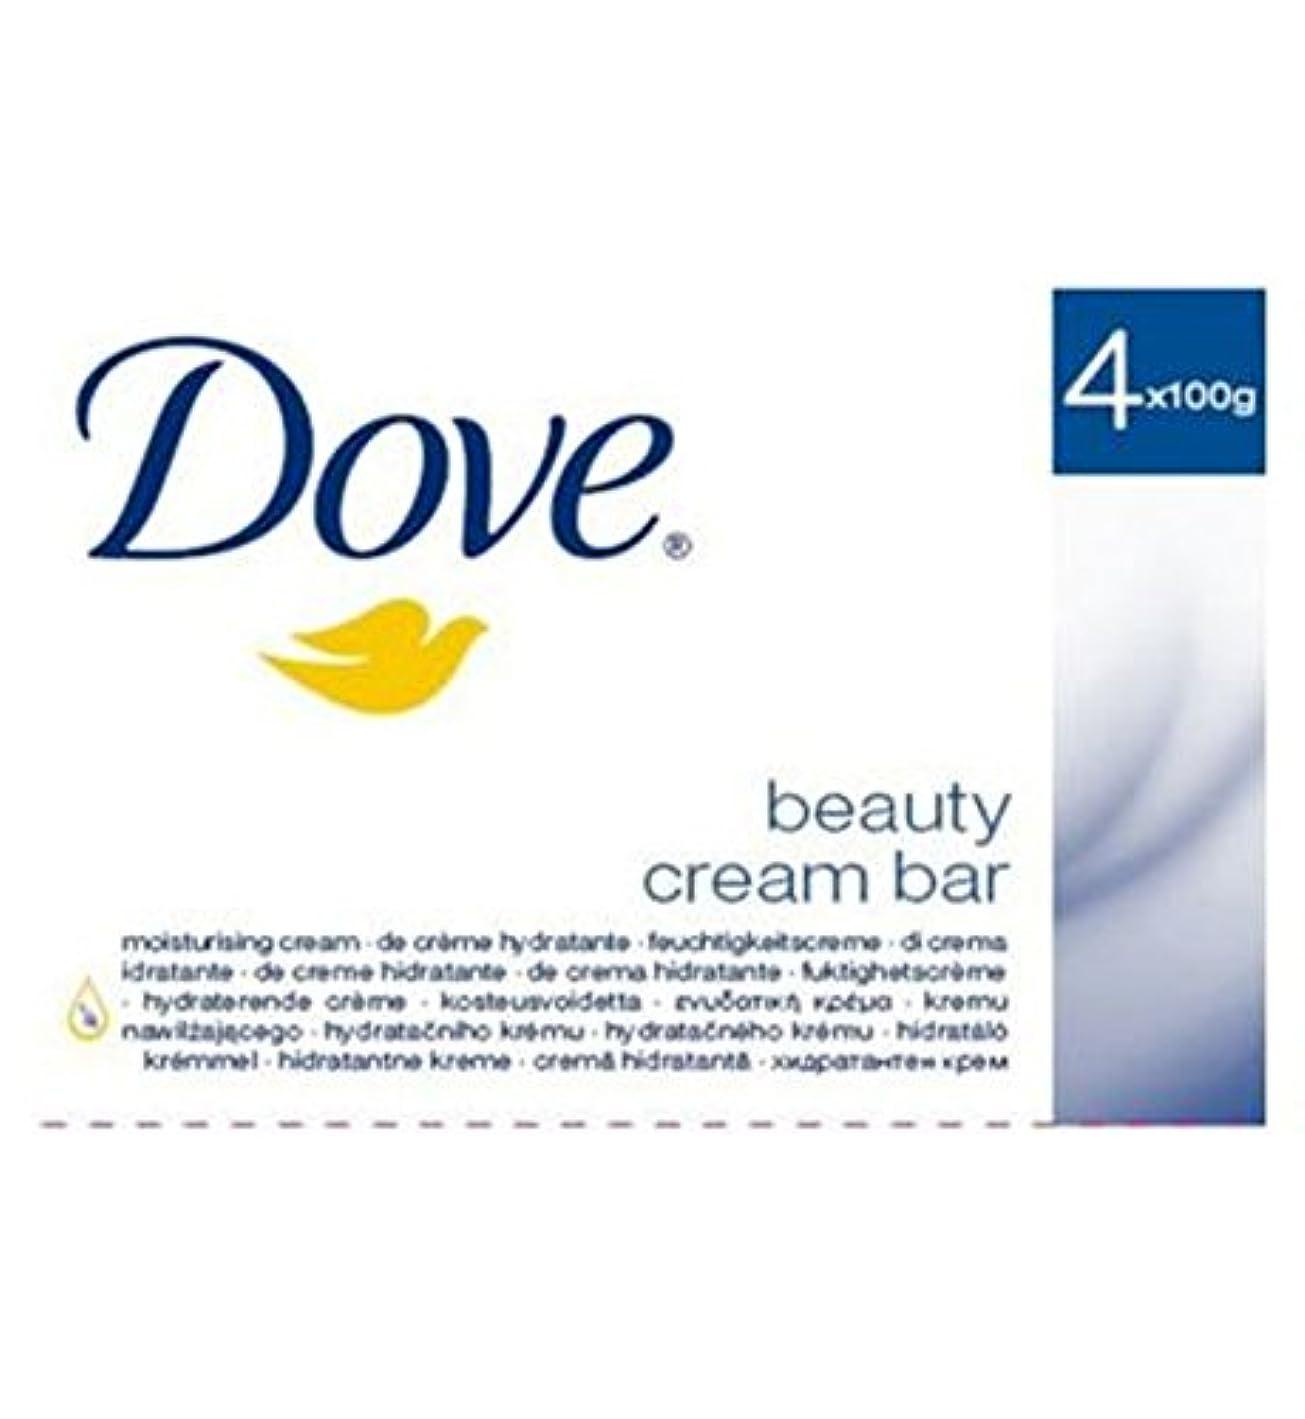 胸贈り物イベントDove Original Beauty Cream Bar 4 x 100g - 鳩元の美しさのクリームバー4のX 100グラム (Dove) [並行輸入品]